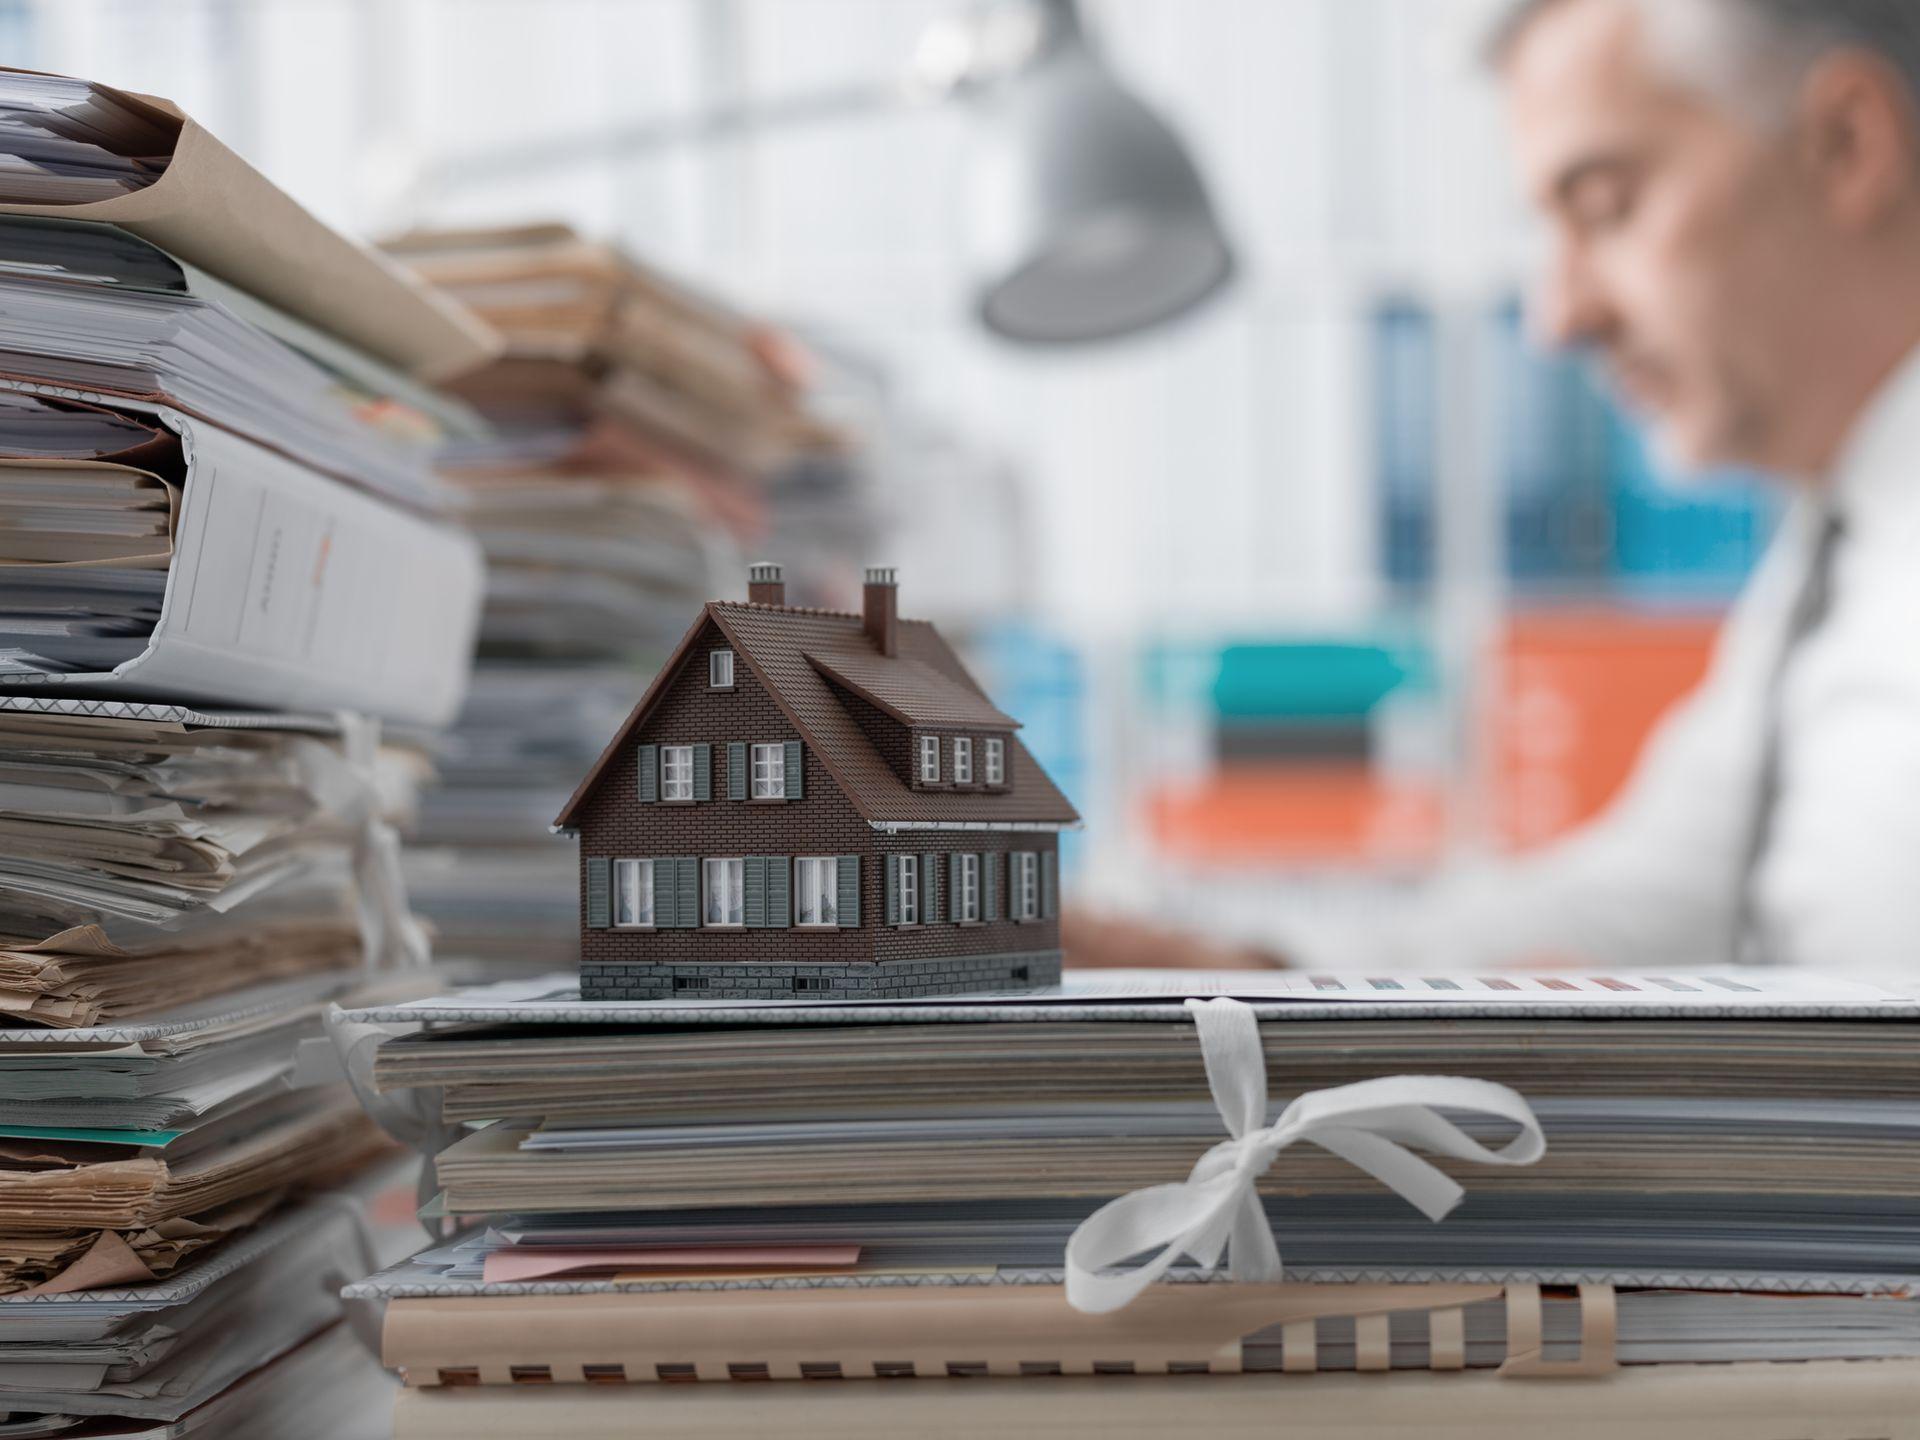 Основную информацию о недвижимости можно получить бесплатно